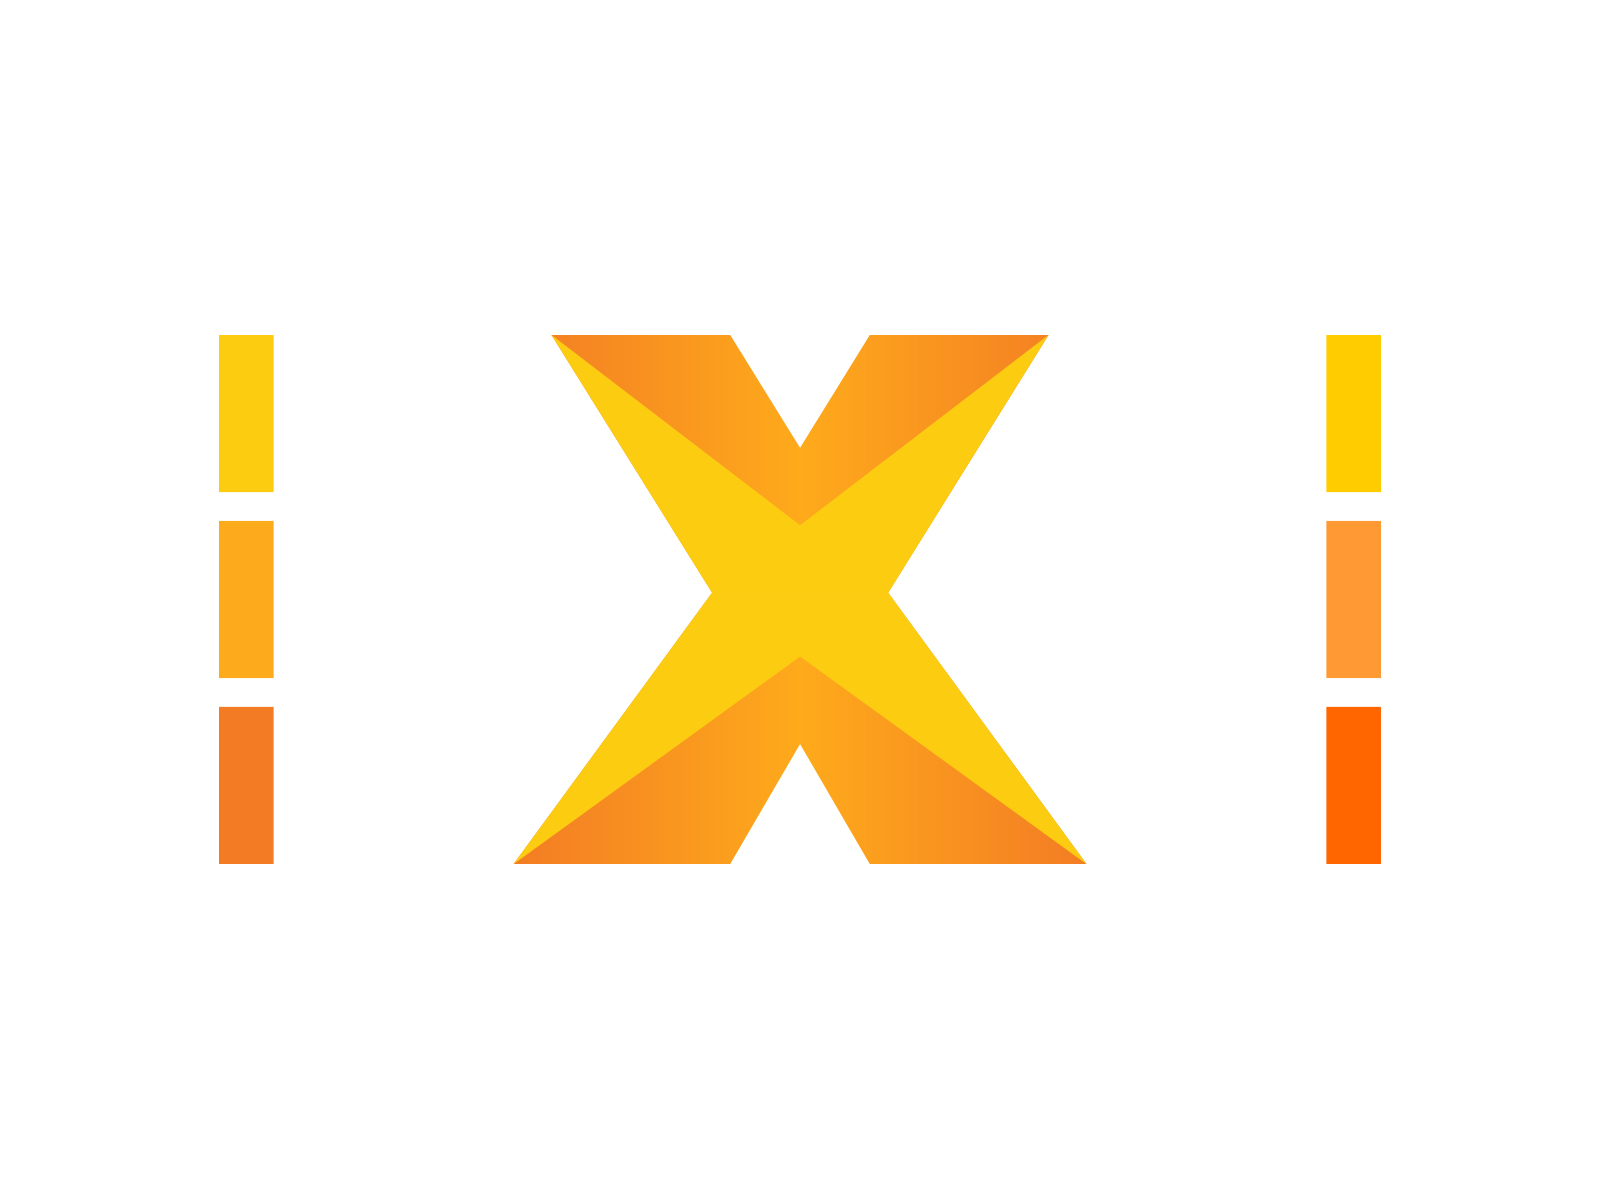 university exchange logo colors